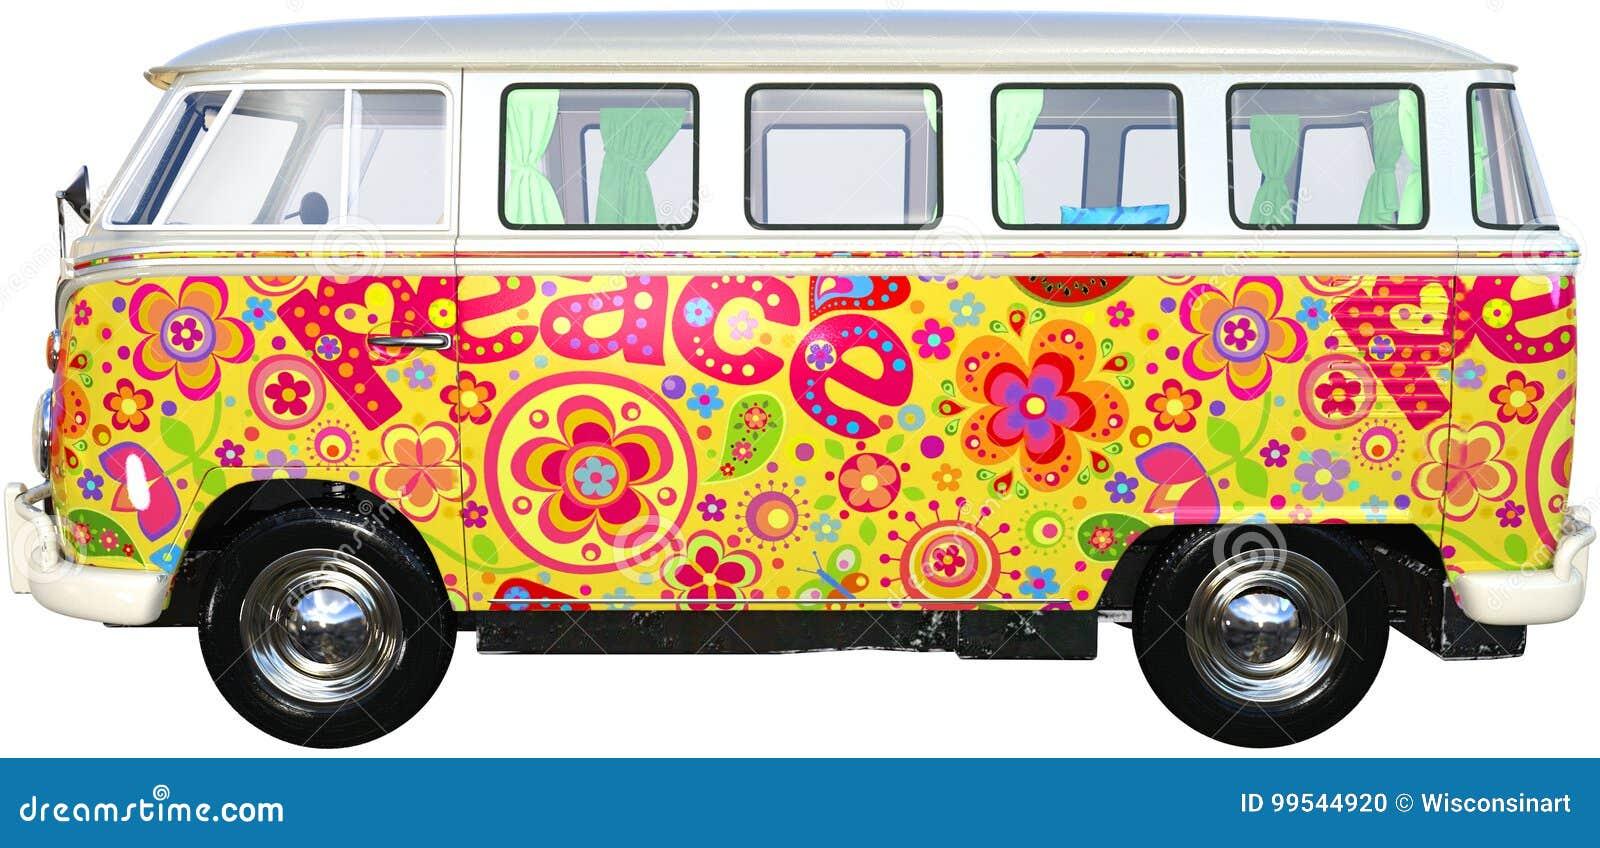 VW-Hippiebus Van Isolated, Volkswagen